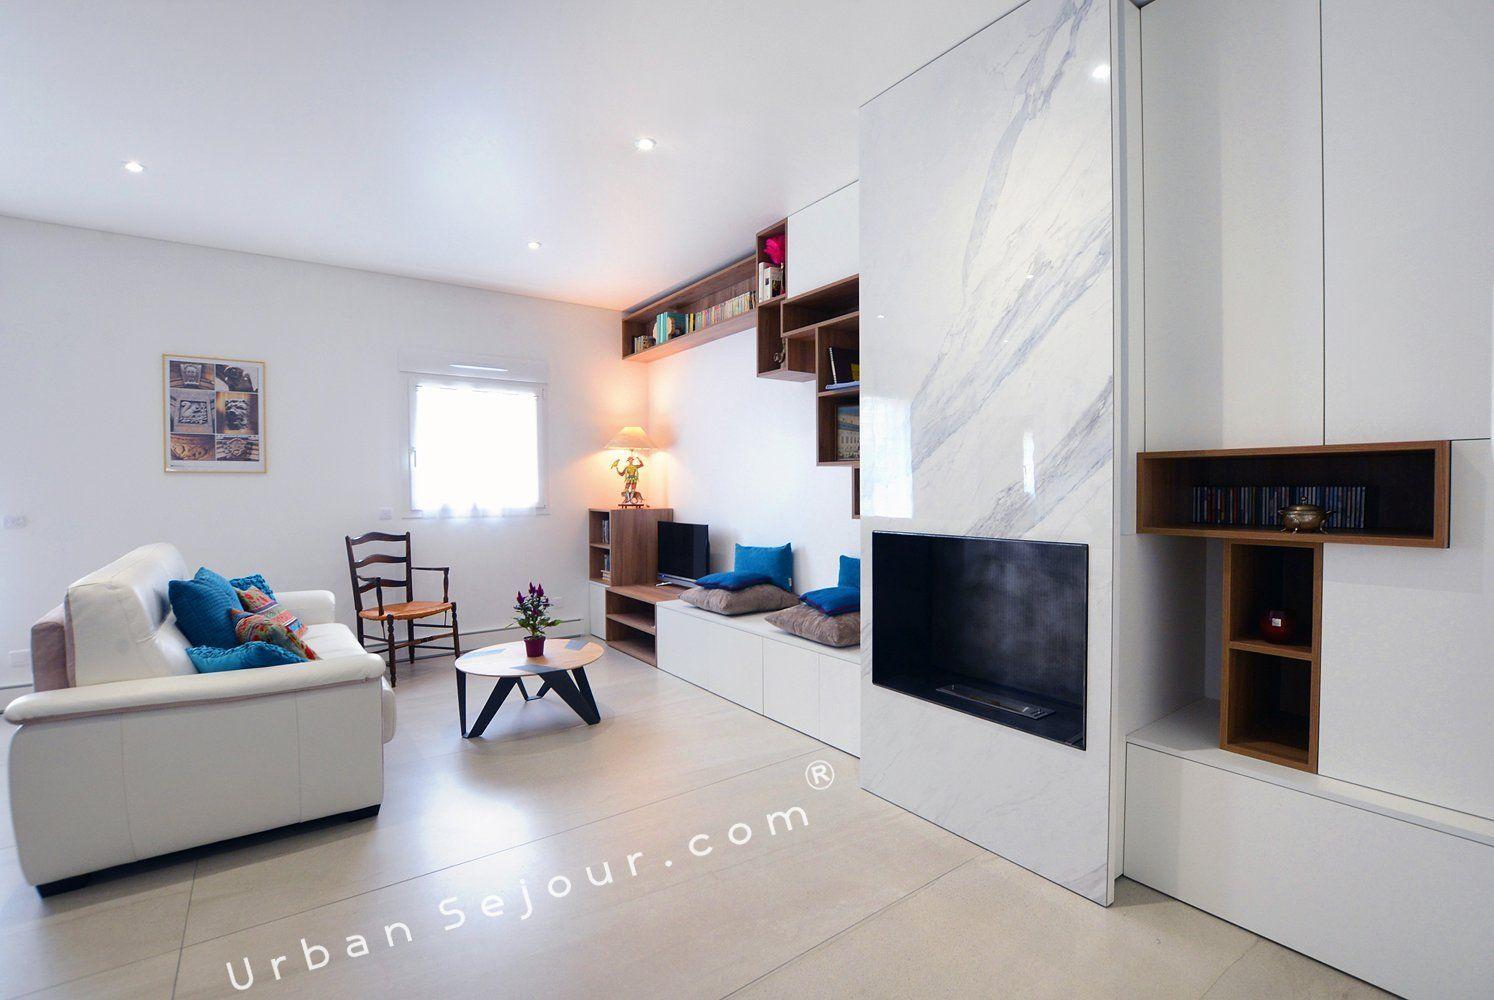 Location appartement meubl avec 1 chambre terrasse et - Location appartement lyon meuble ...